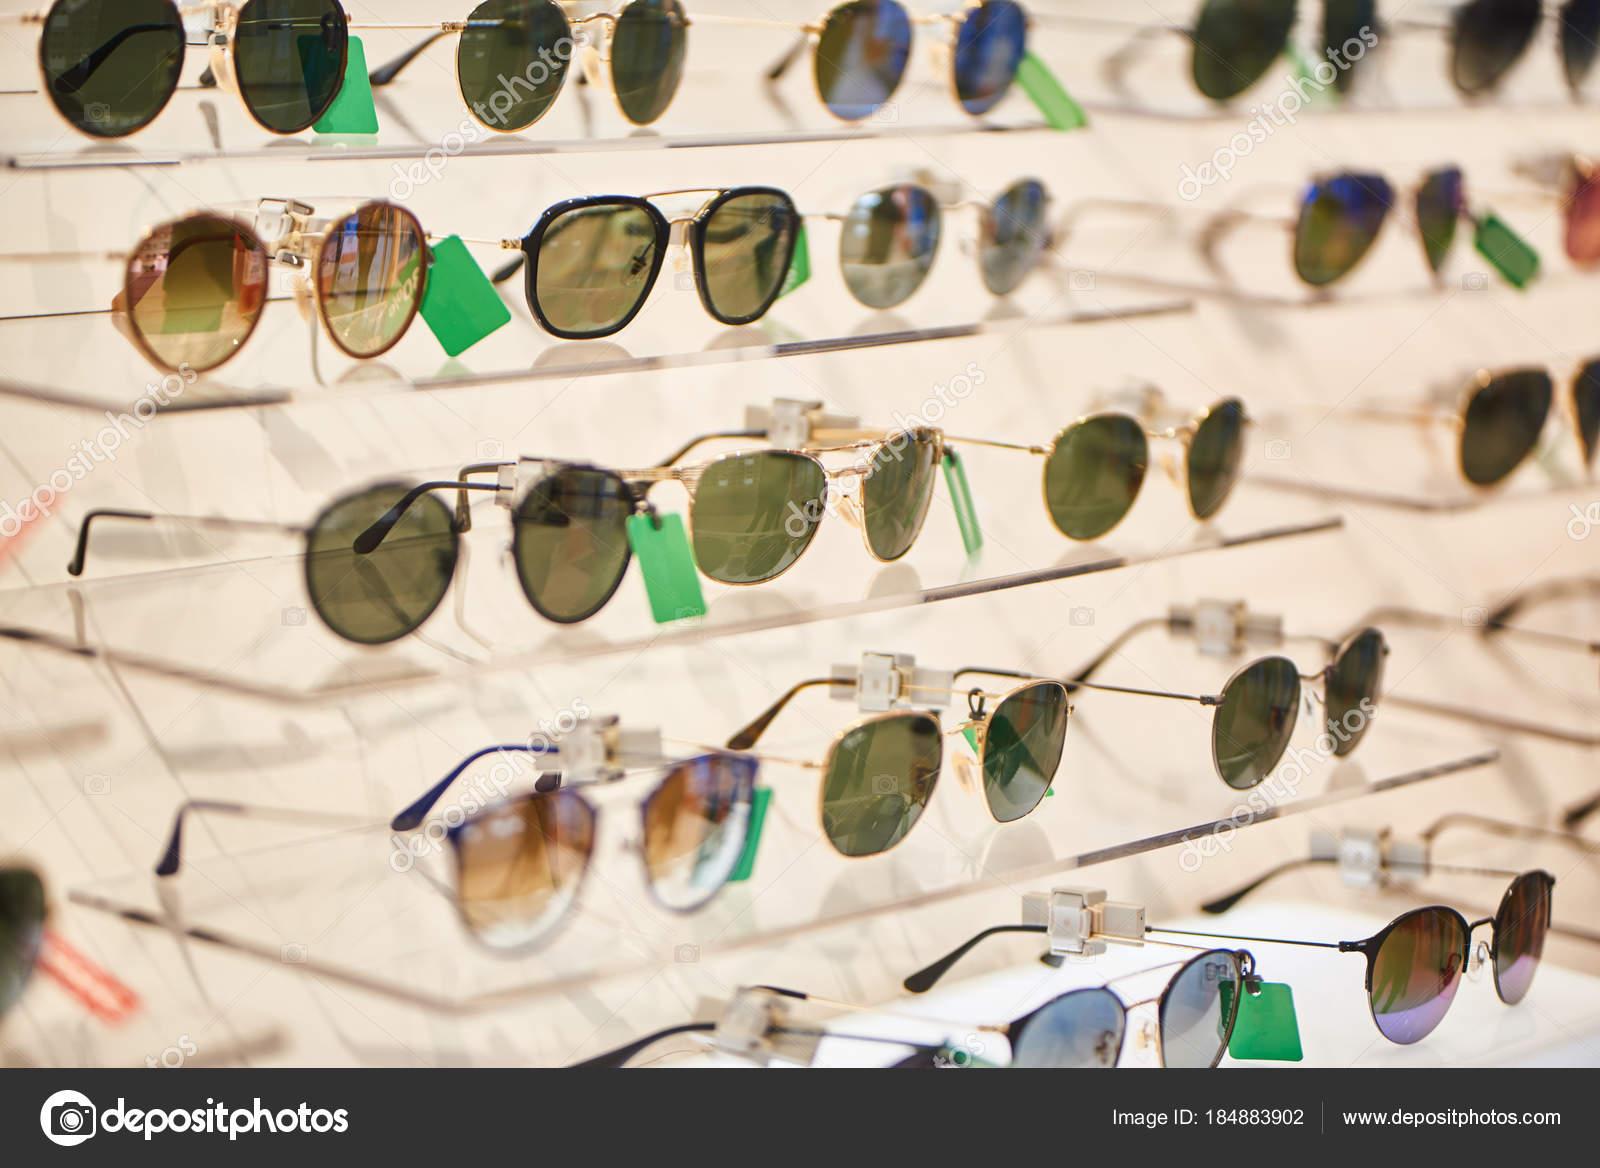 f4356eba9086a Coleção Óculos Sol Moderno Nas Prateleiras Loja — Fotografia de Stock